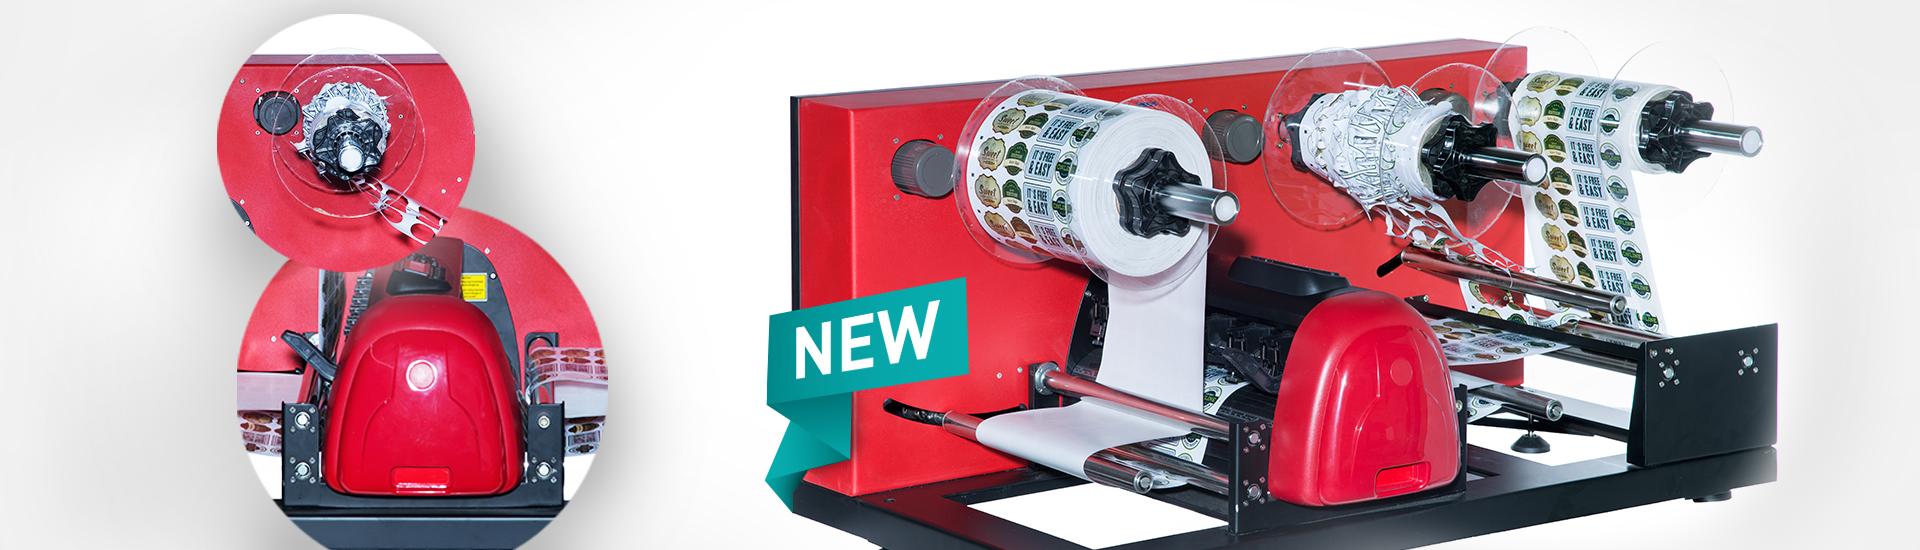 La nueva etiqueta LC30 cortador Secabo